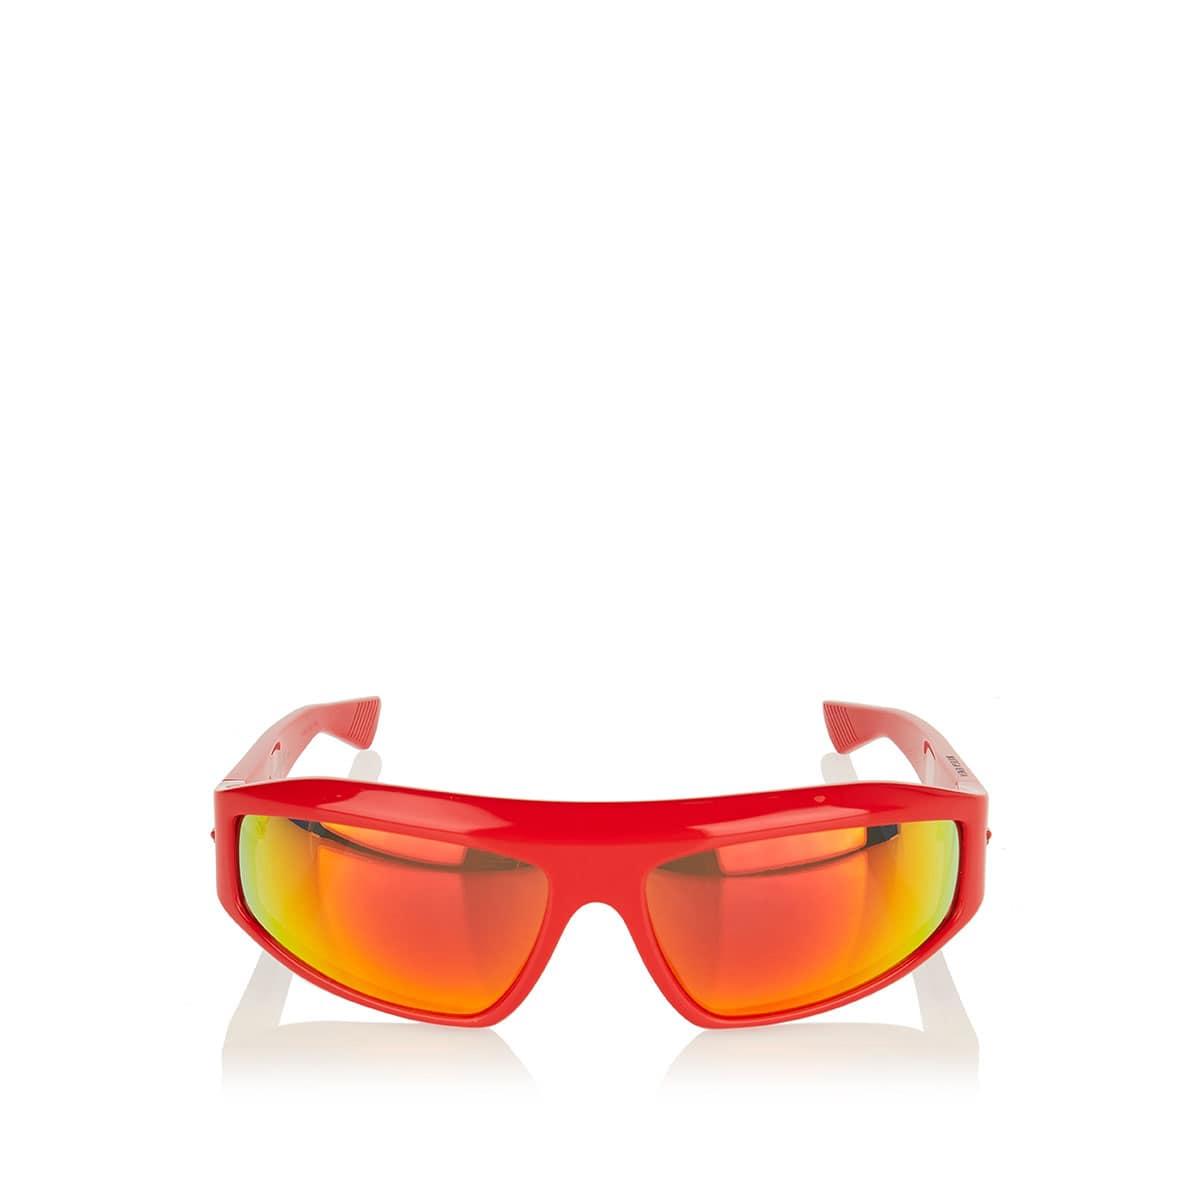 Wraparound mirrored sunglasses